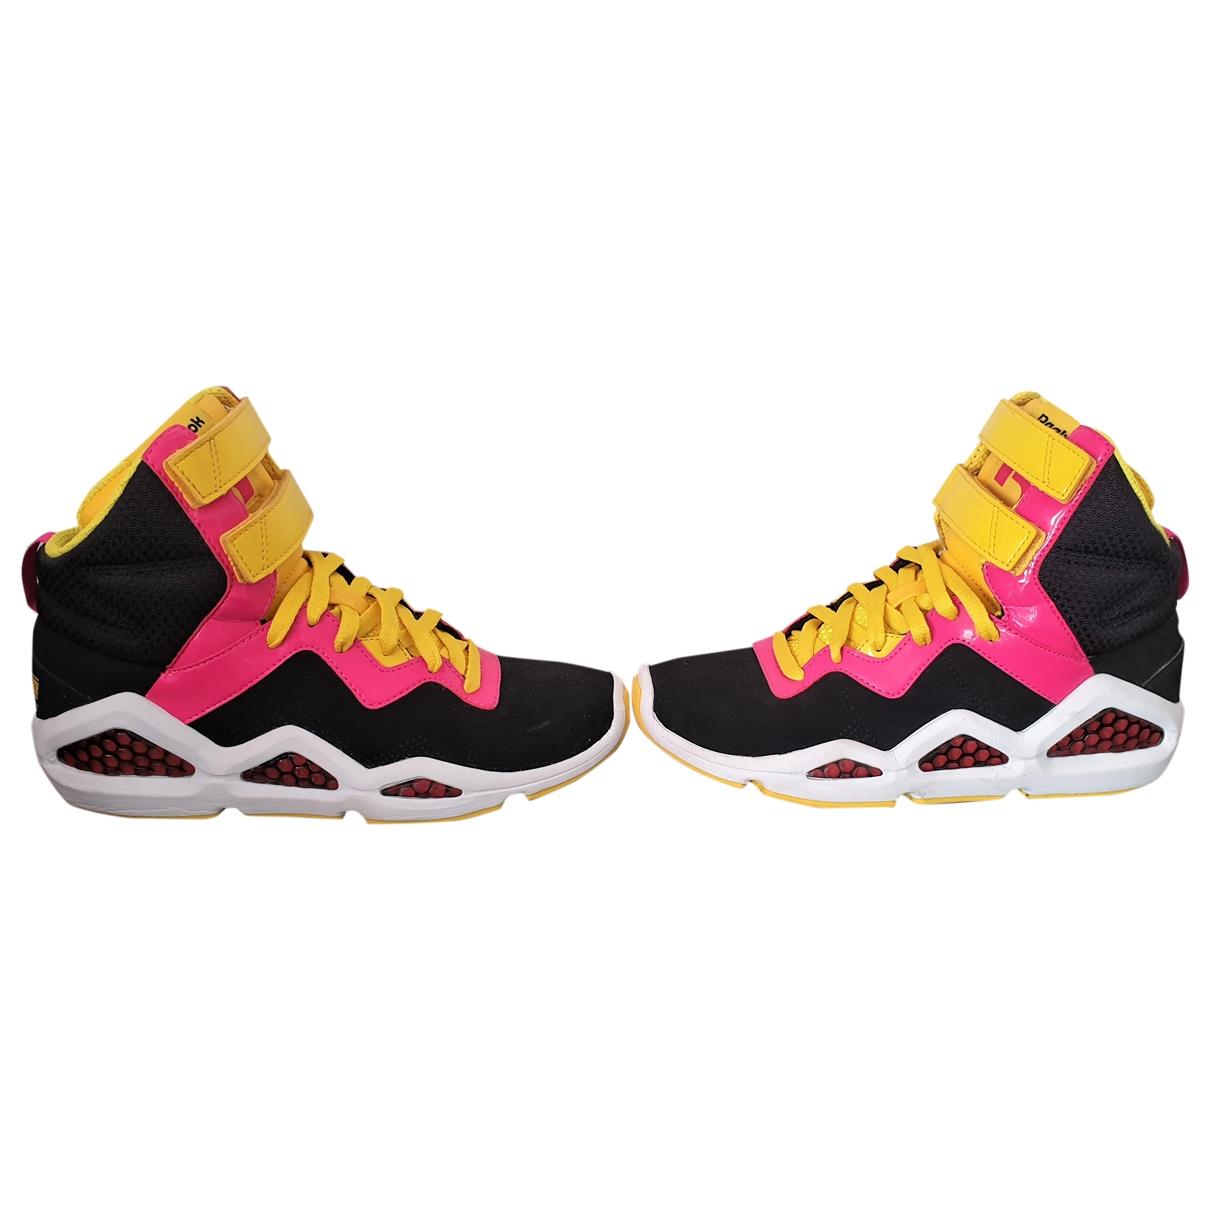 Reebok - Baskets   pour femme en suede - multicolore